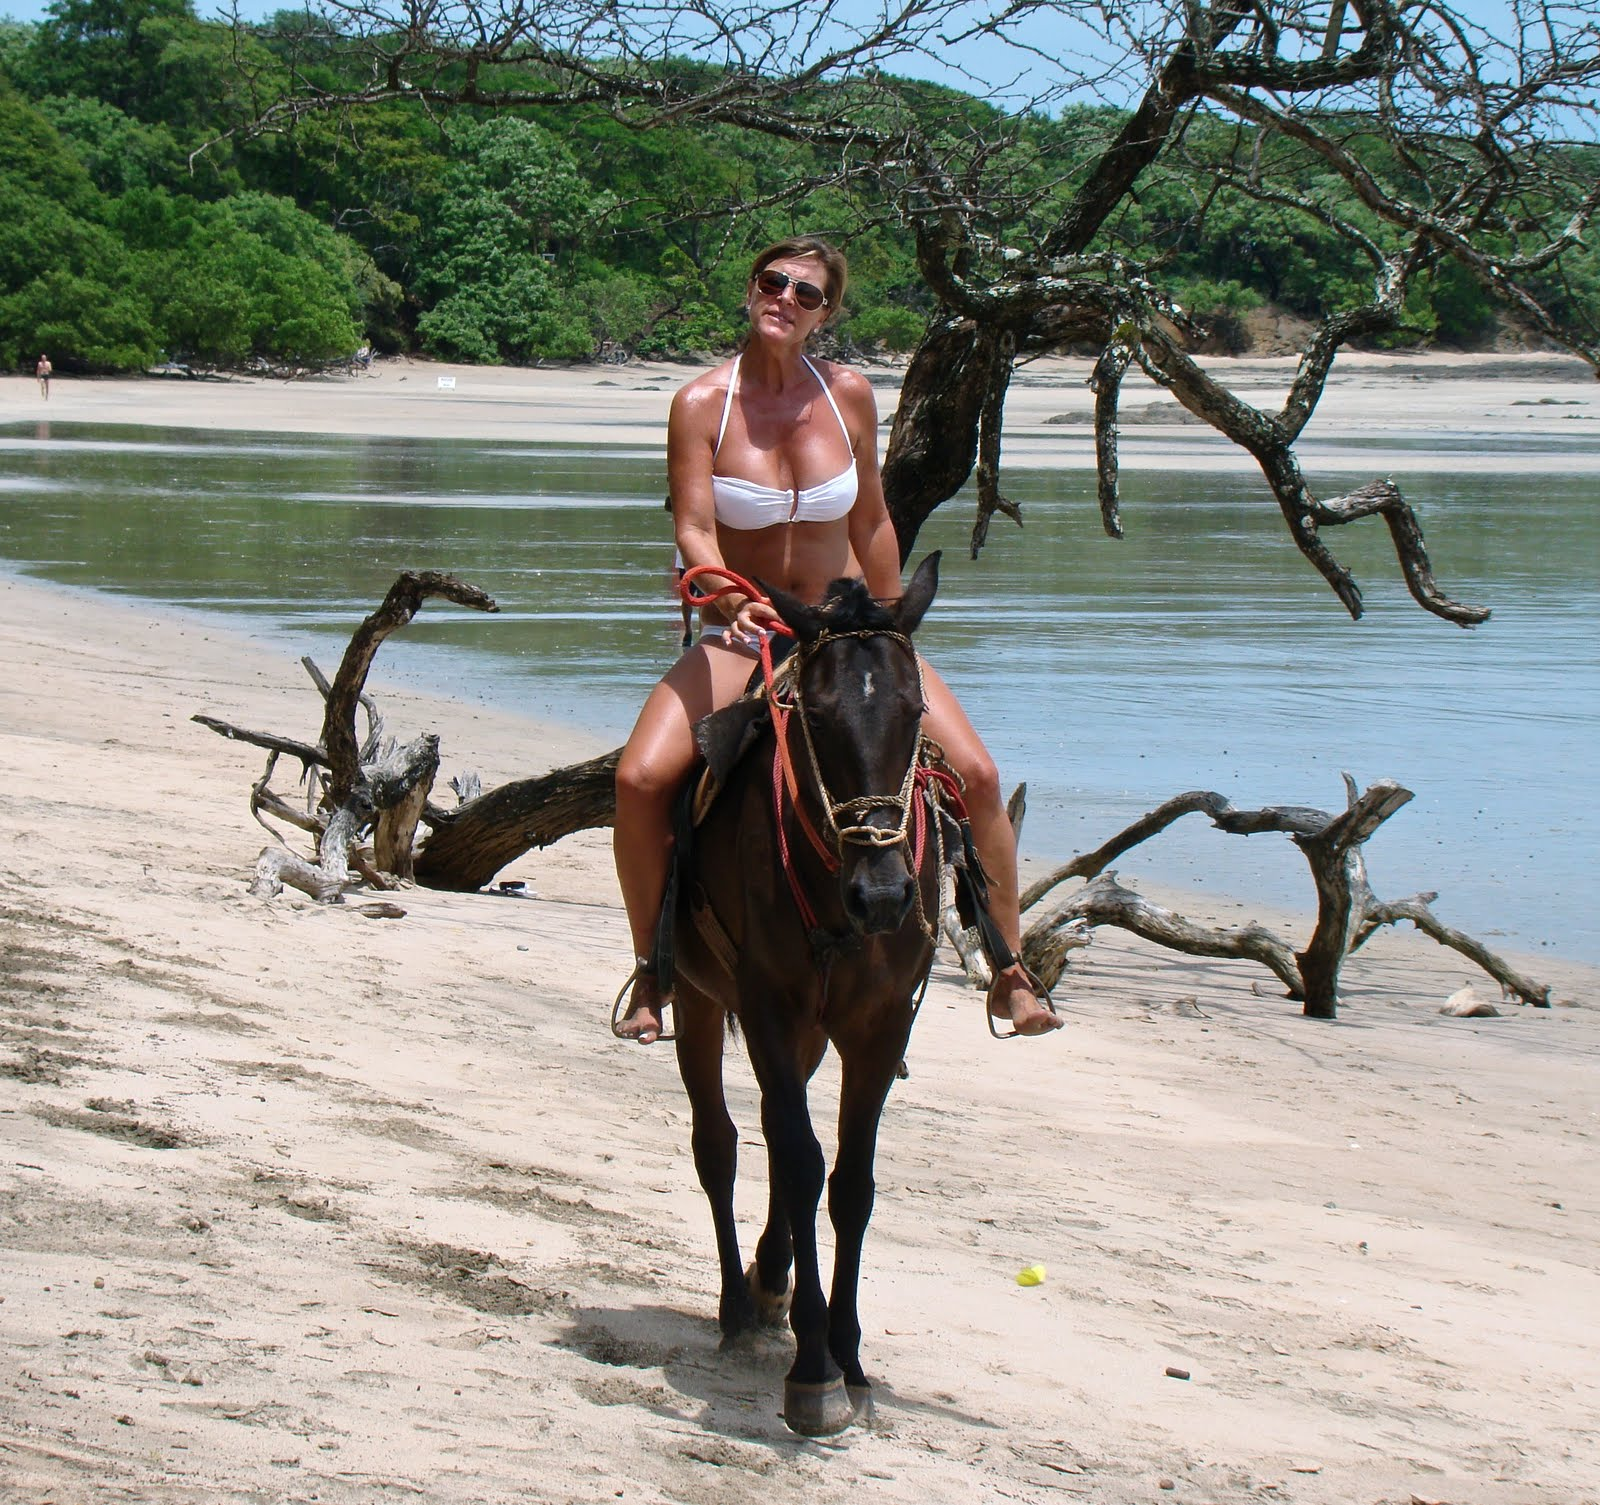 Bikini Riding 65